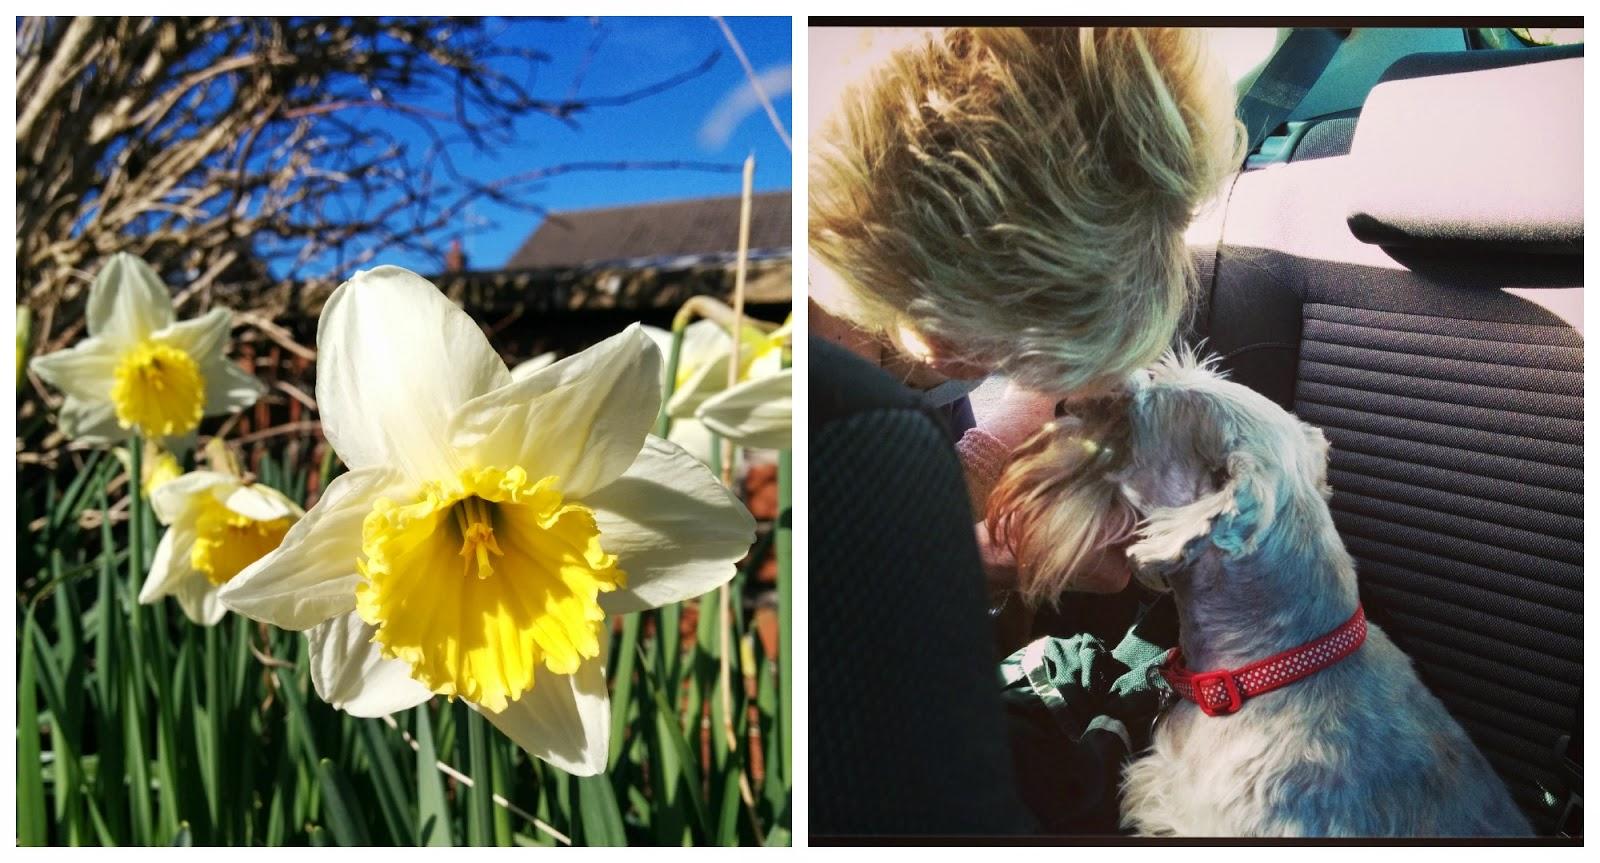 Day 1, Mamma G's - growourown.blogspot.com ~ alloment blog